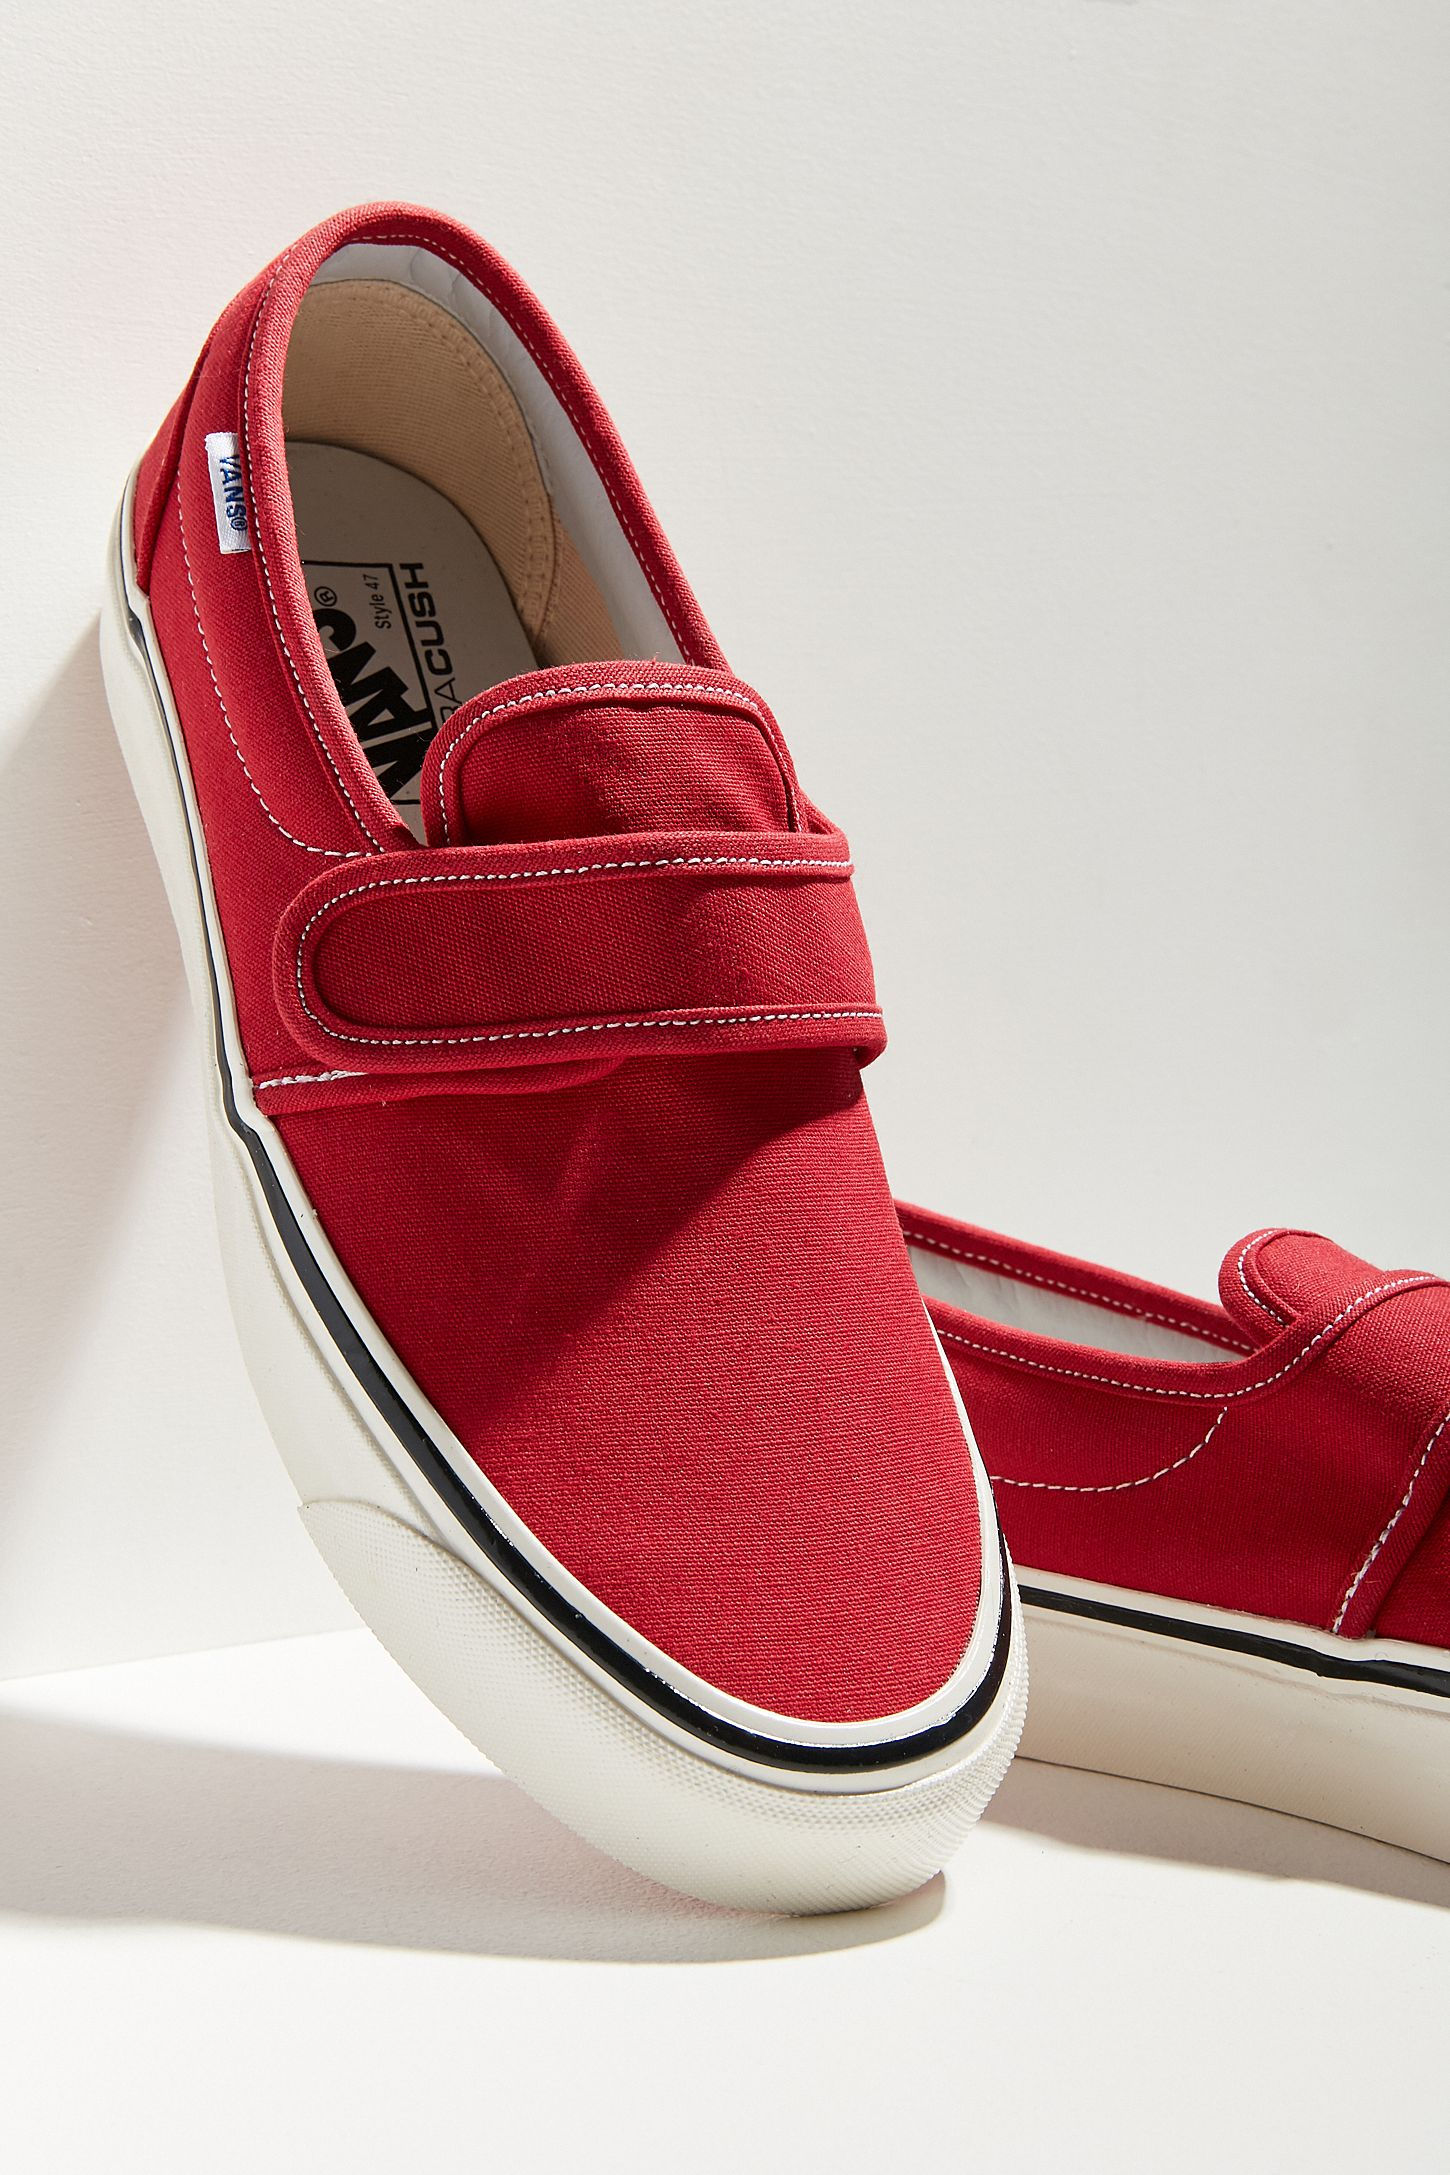 a3811332d4 Vans Anaheim Factory 47 V DX Slip-On Sneaker